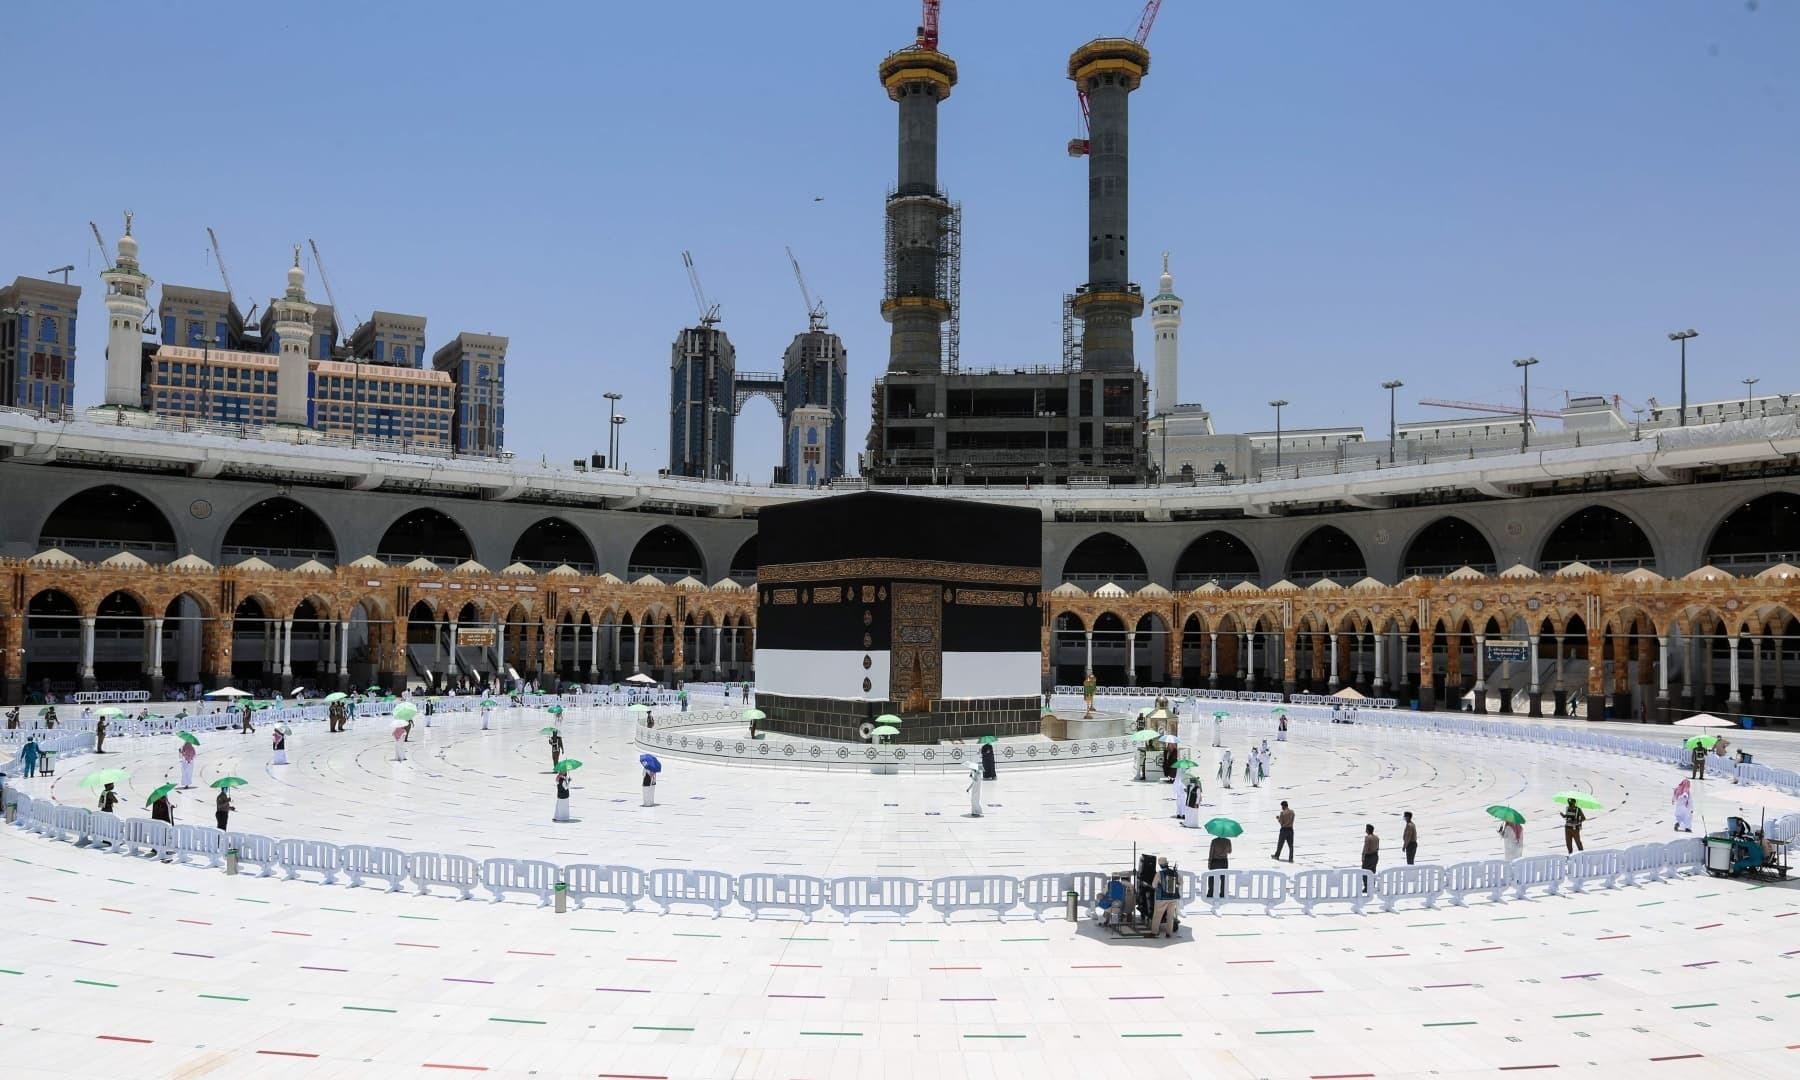 سعودی عرب کے مقدس شہر مکہ مکرمہ میں سعودی سیکیورٹی فورسز کا عملہ کعبہ کے گرد کام کر رہے ہیں- فوٹو:اے ایف پی